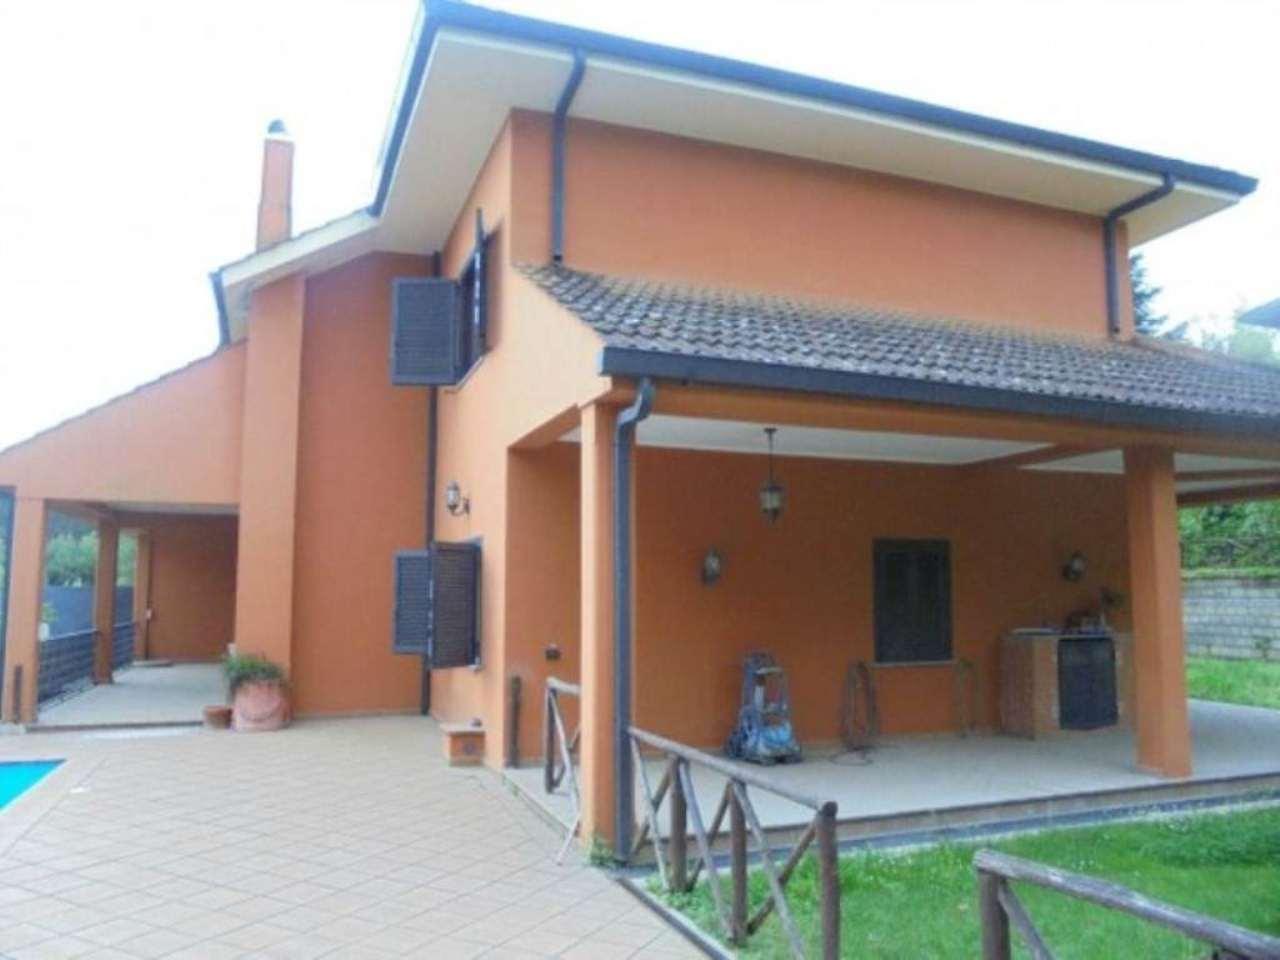 Villa in affitto a Castelnuovo di Porto, 6 locali, prezzo € 1.600 | Cambio Casa.it